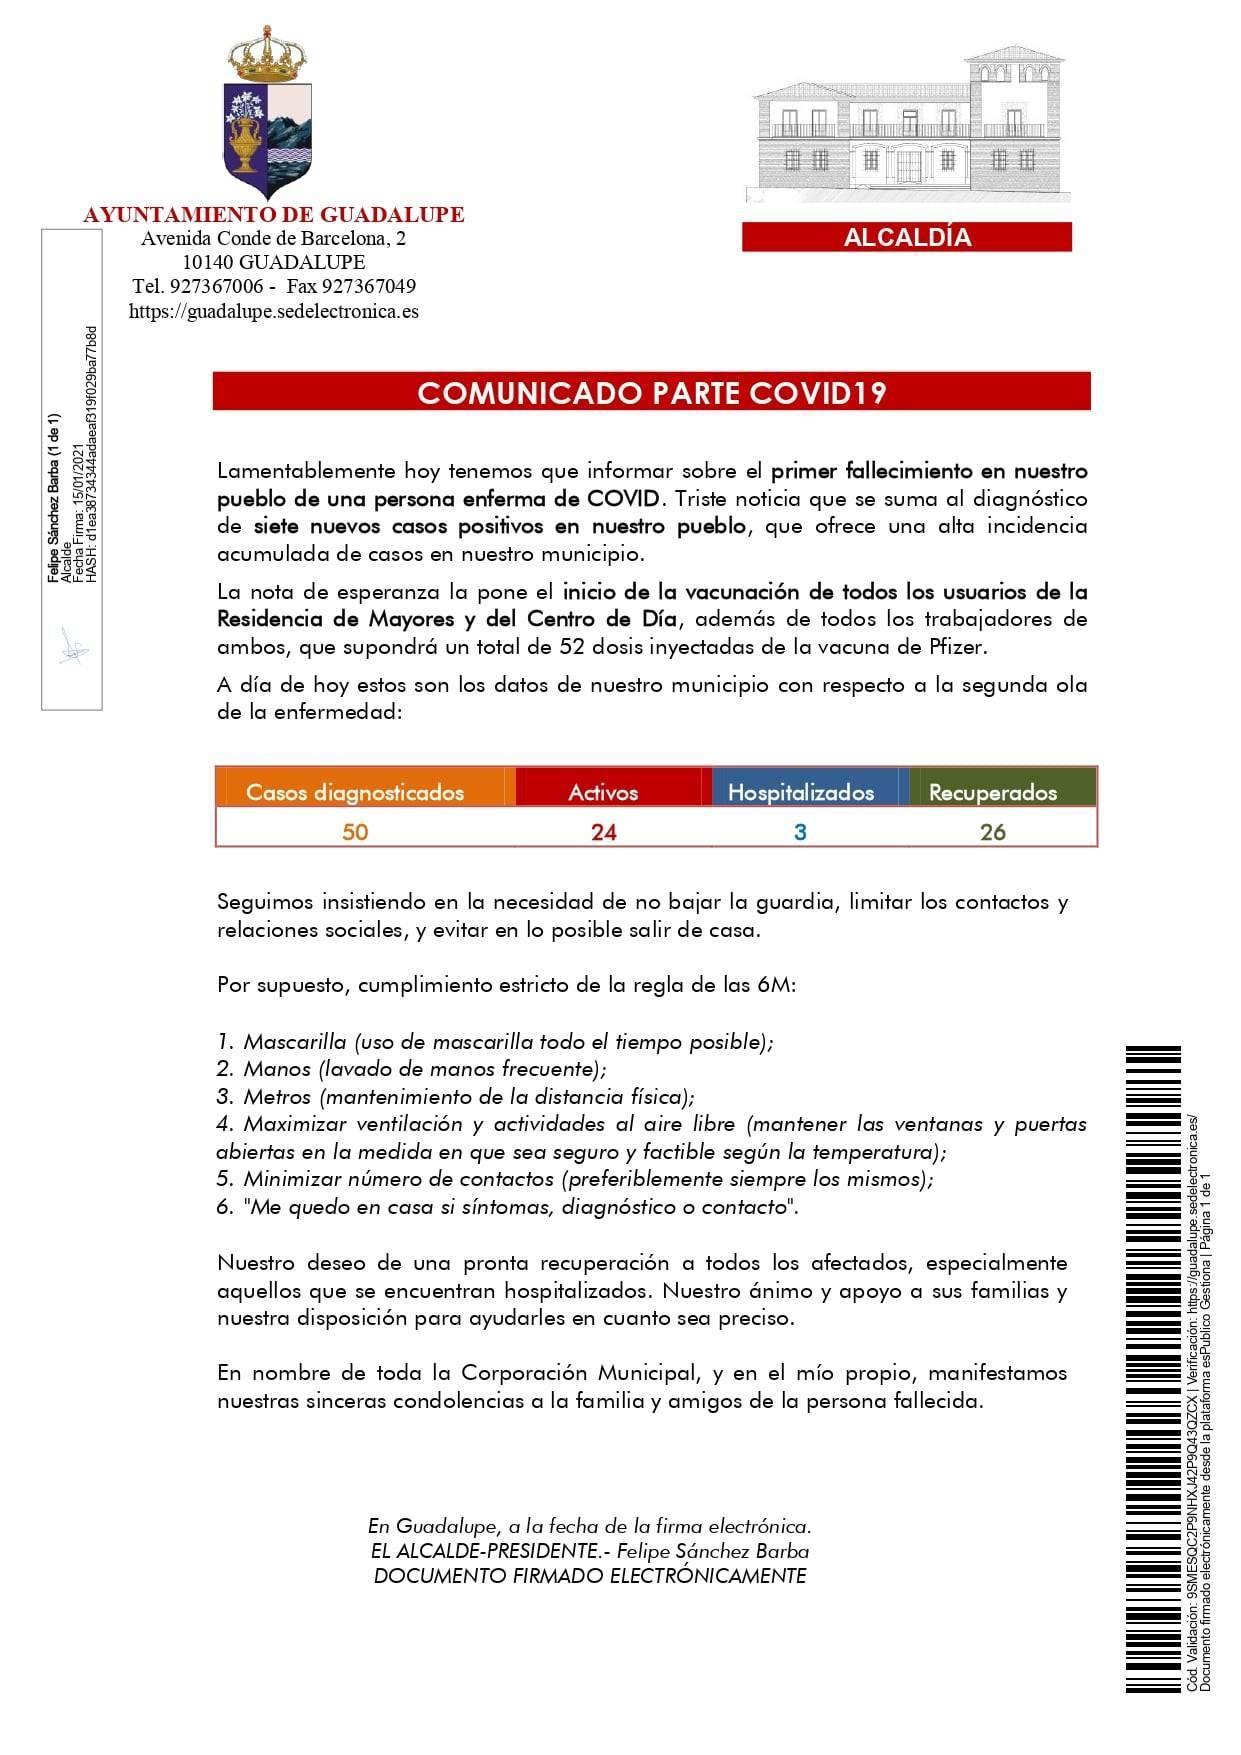 Primer fallecido y 7 nuevos casos de COVID-19 (enero 2021) - Guadalupe (Cáceres)